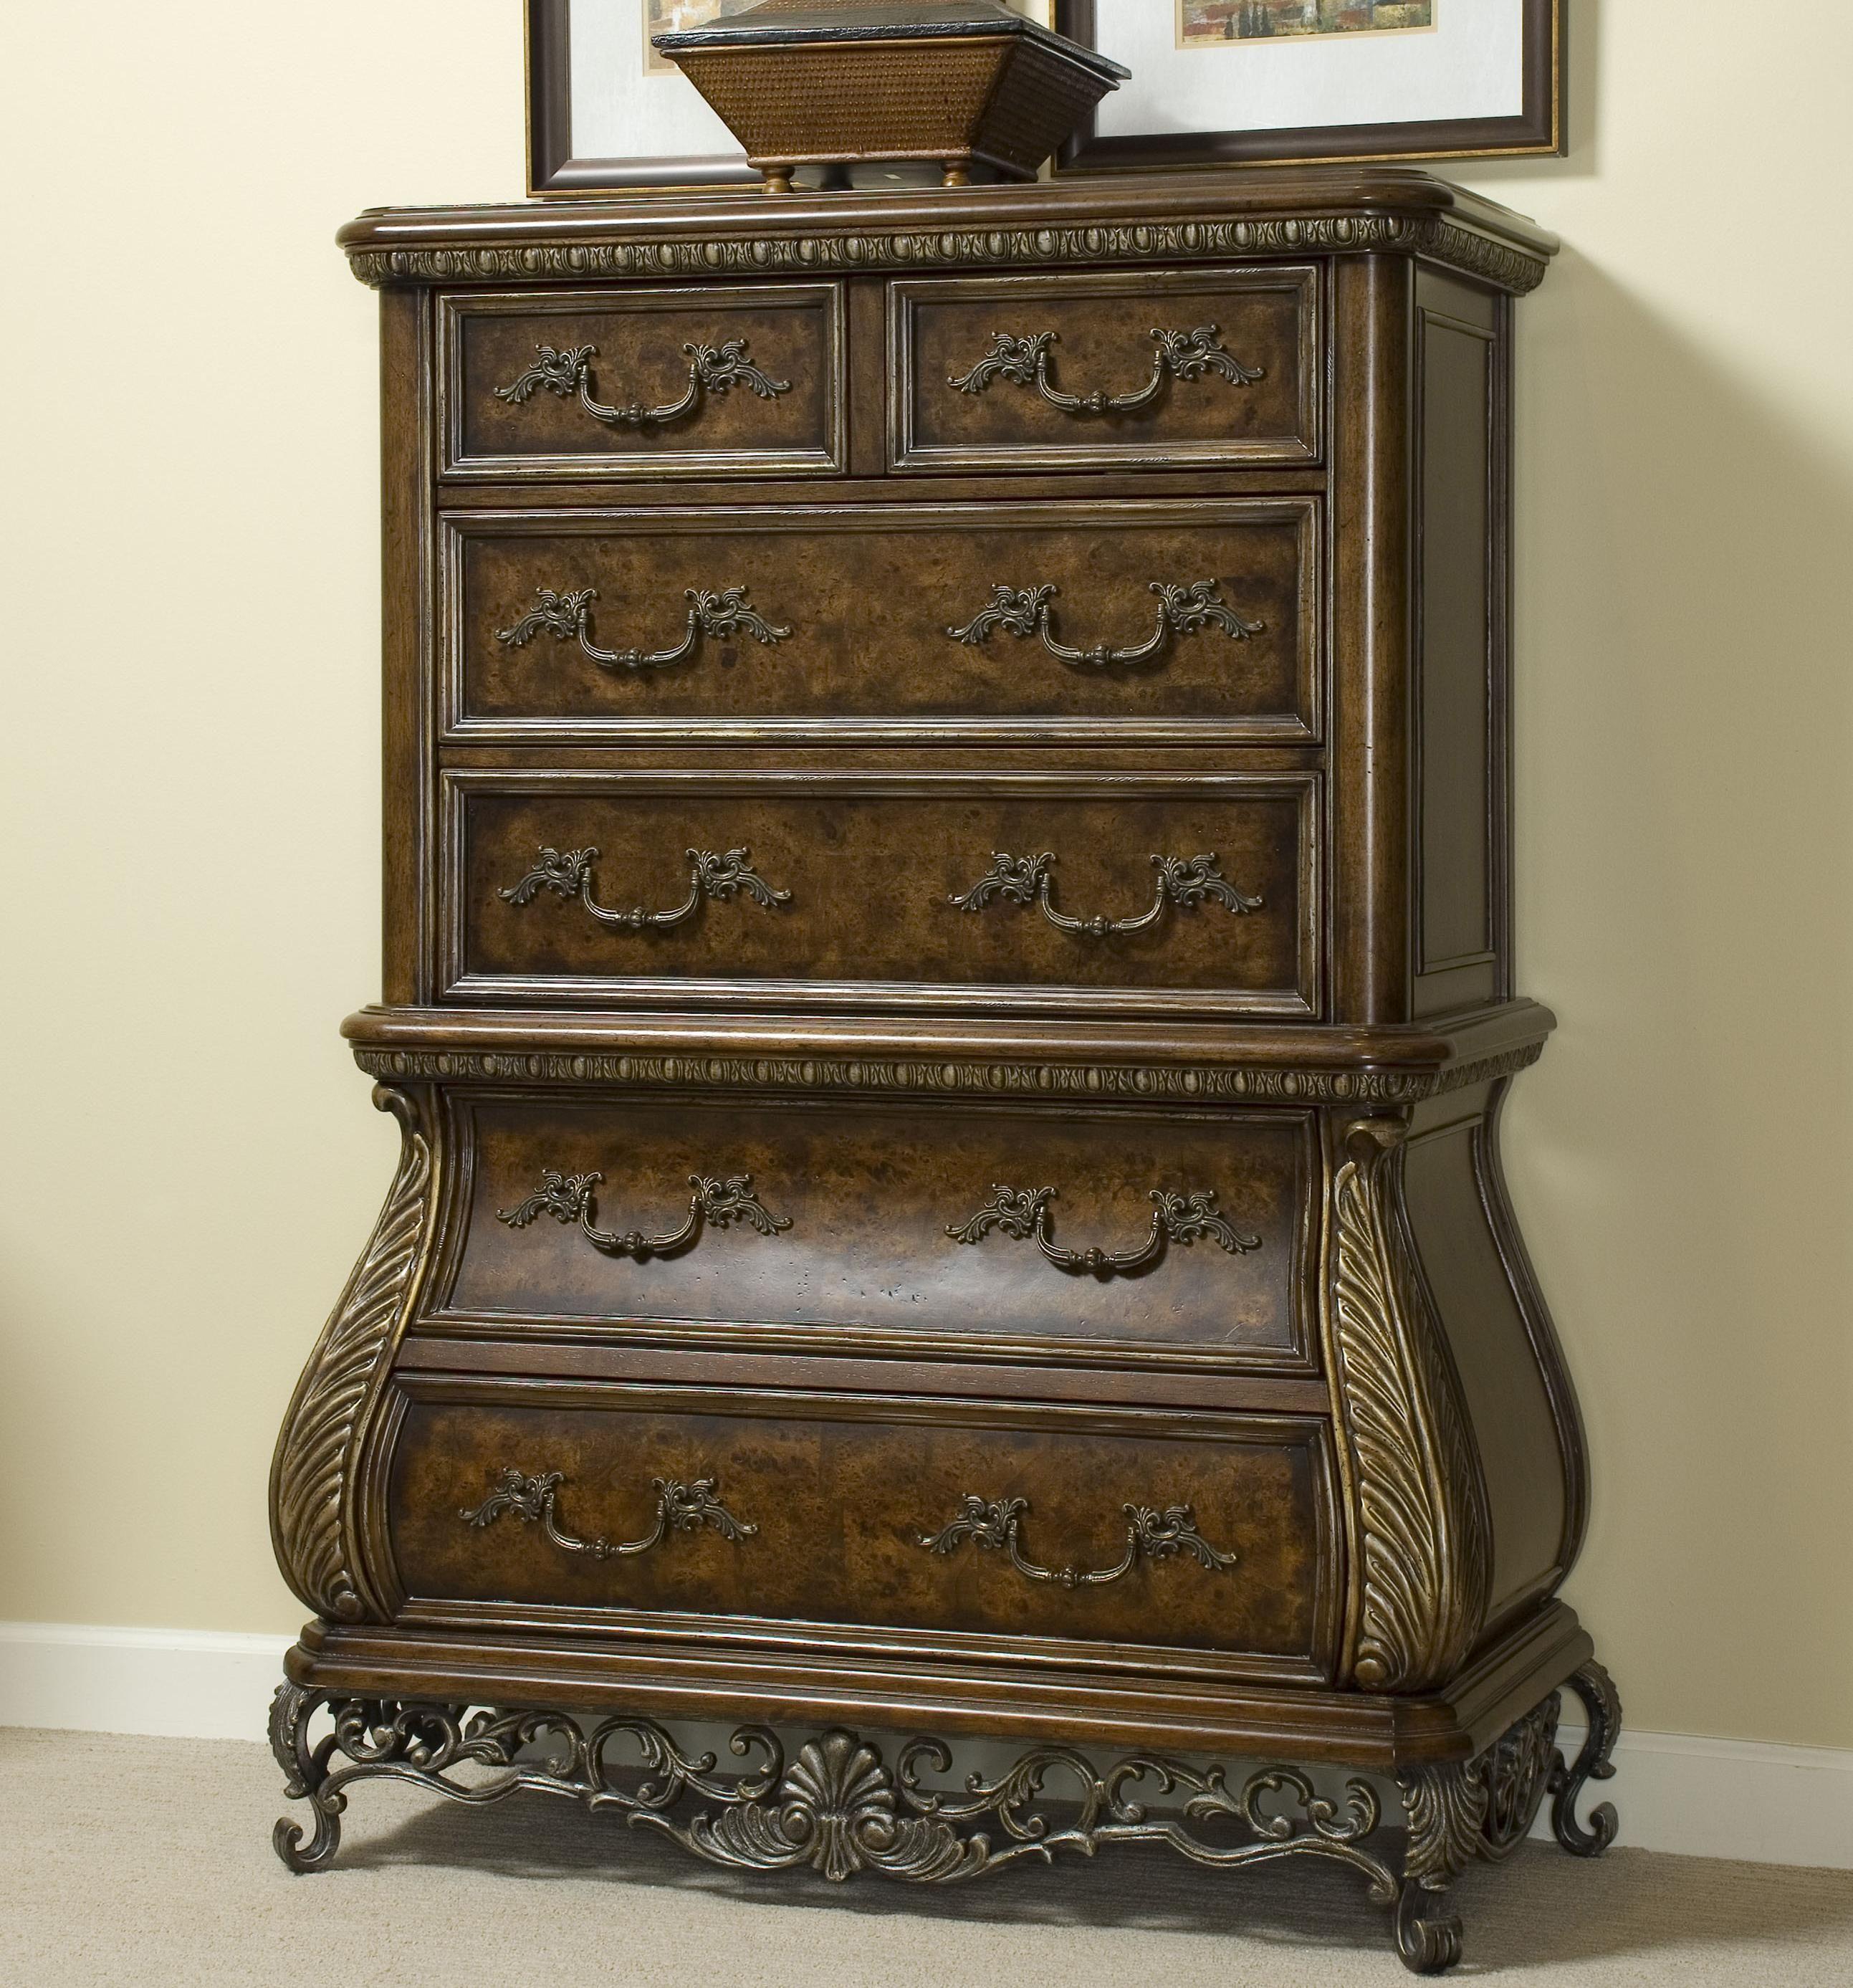 Birkhaven Chest by Pulaski Furniture Pulaski furniture